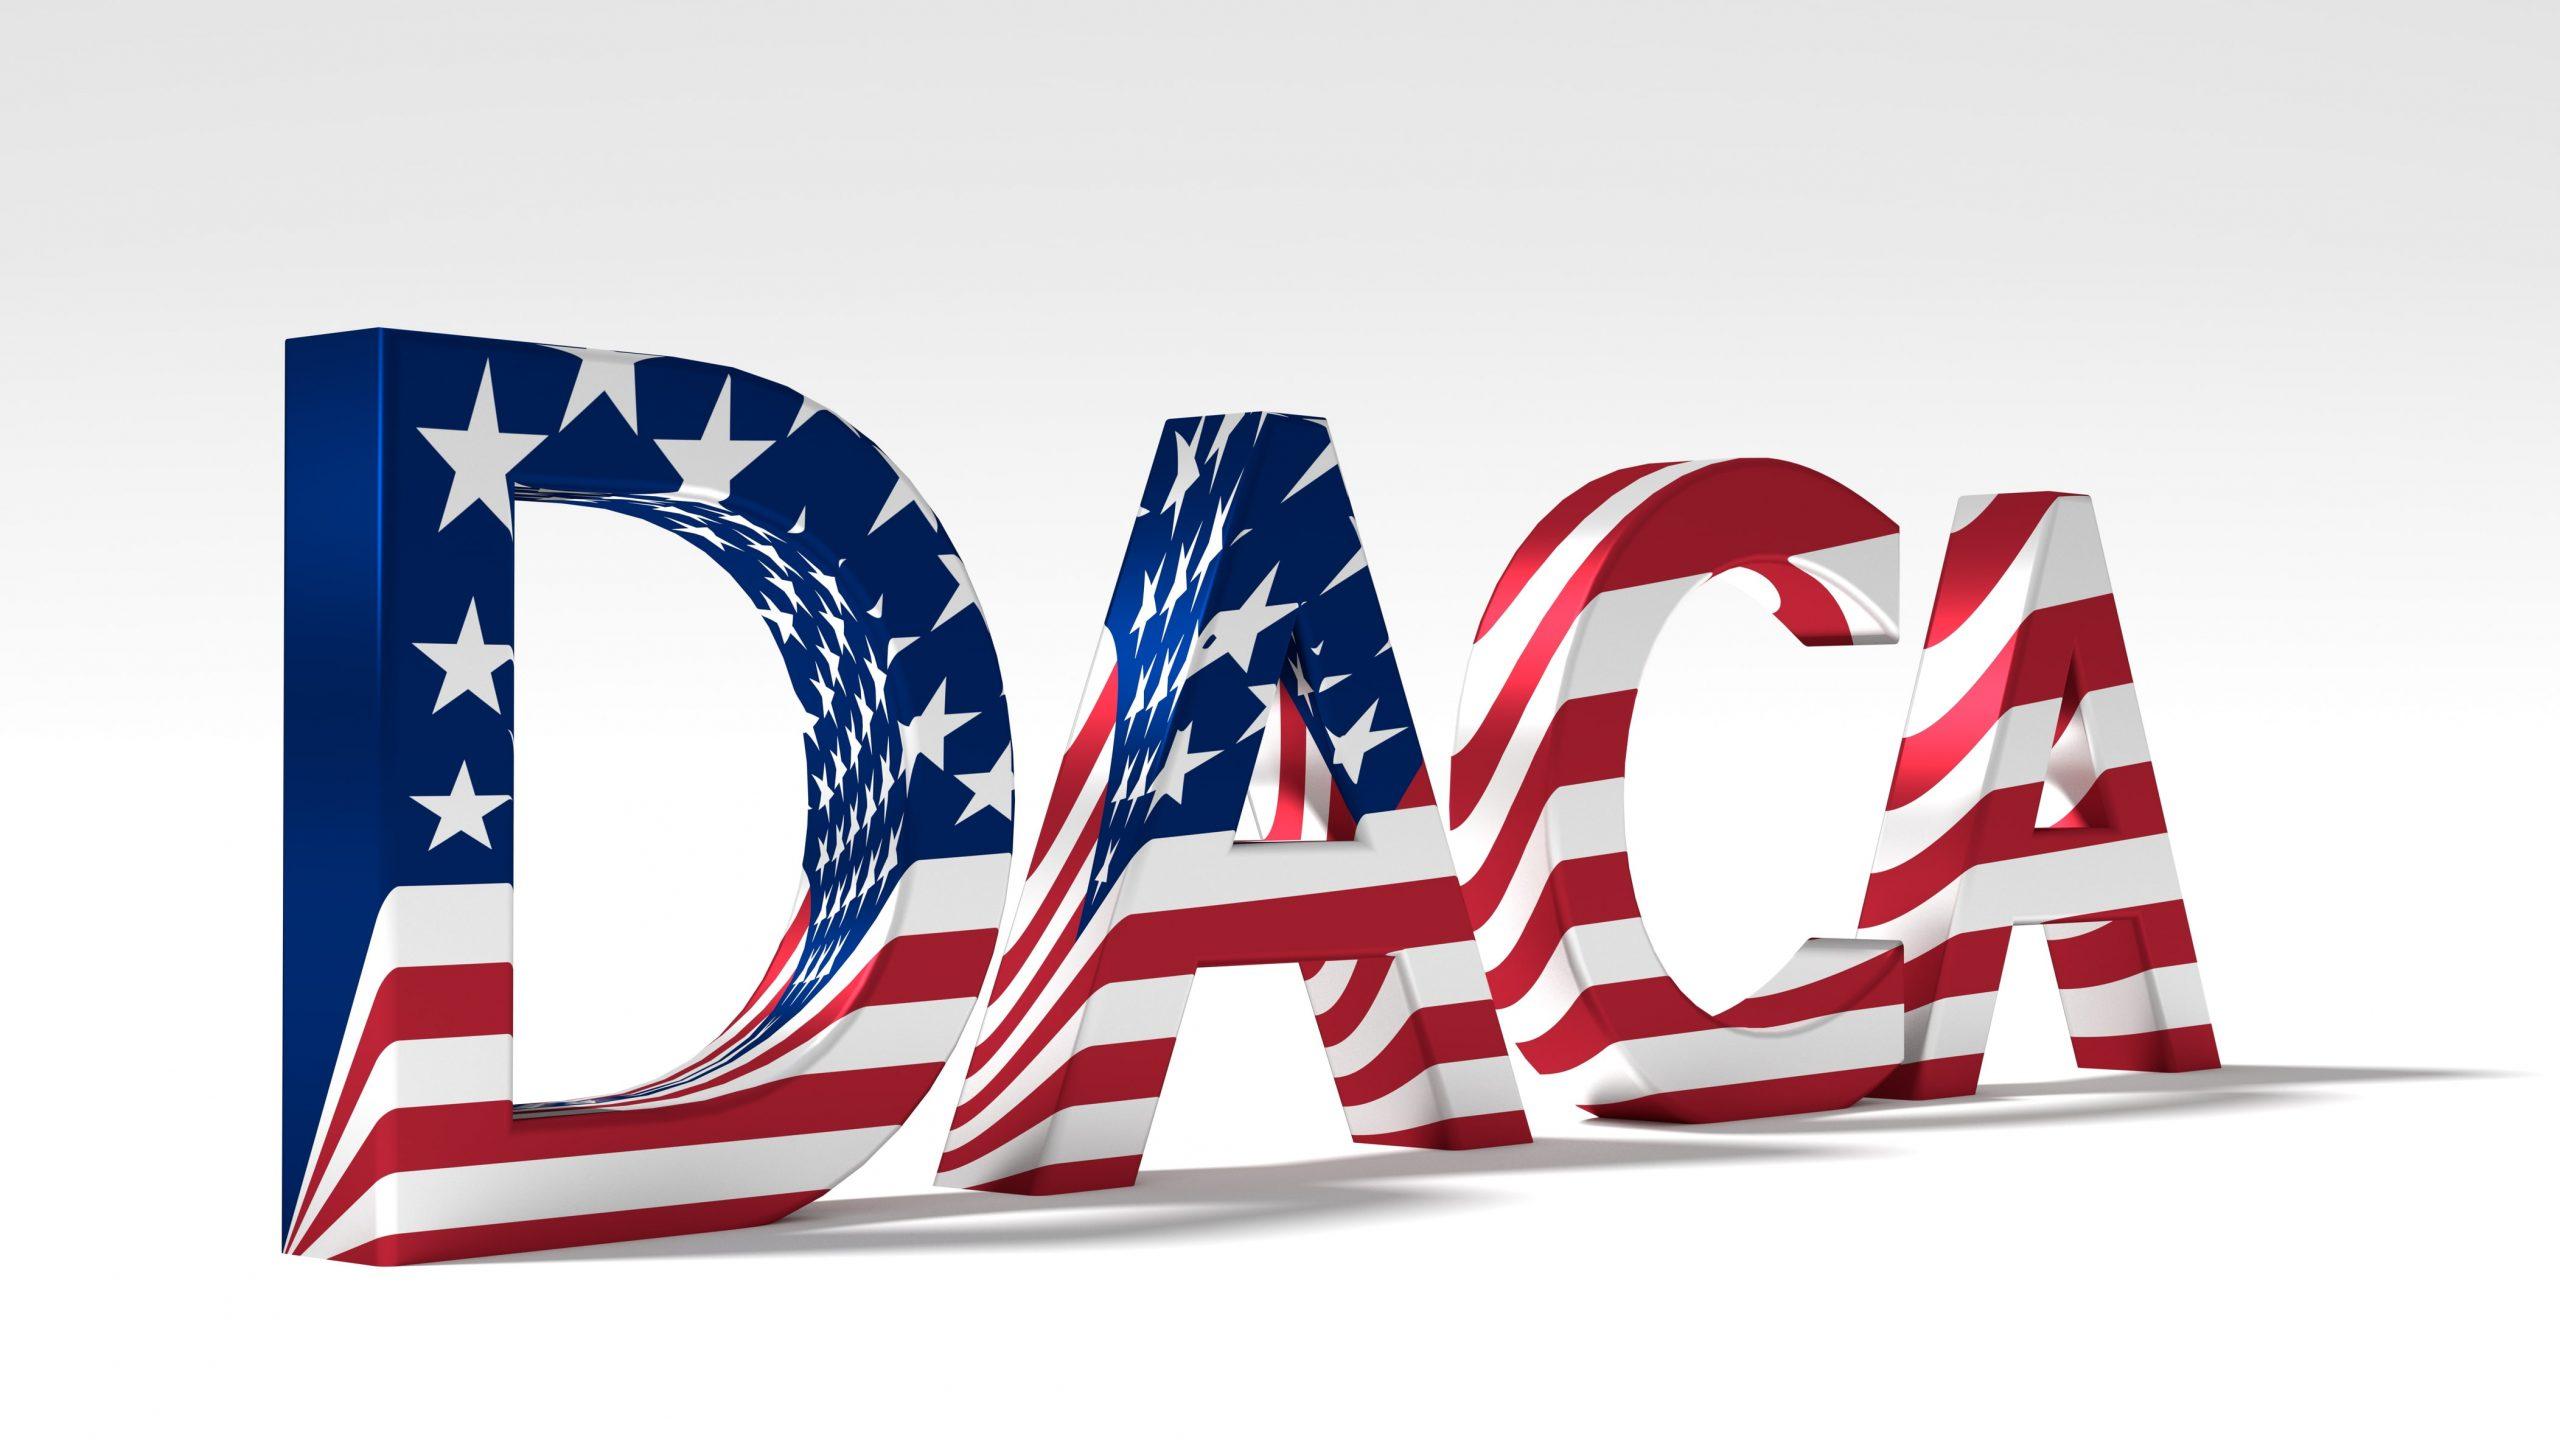 DACA o matrimonio, ciudadania, residencia